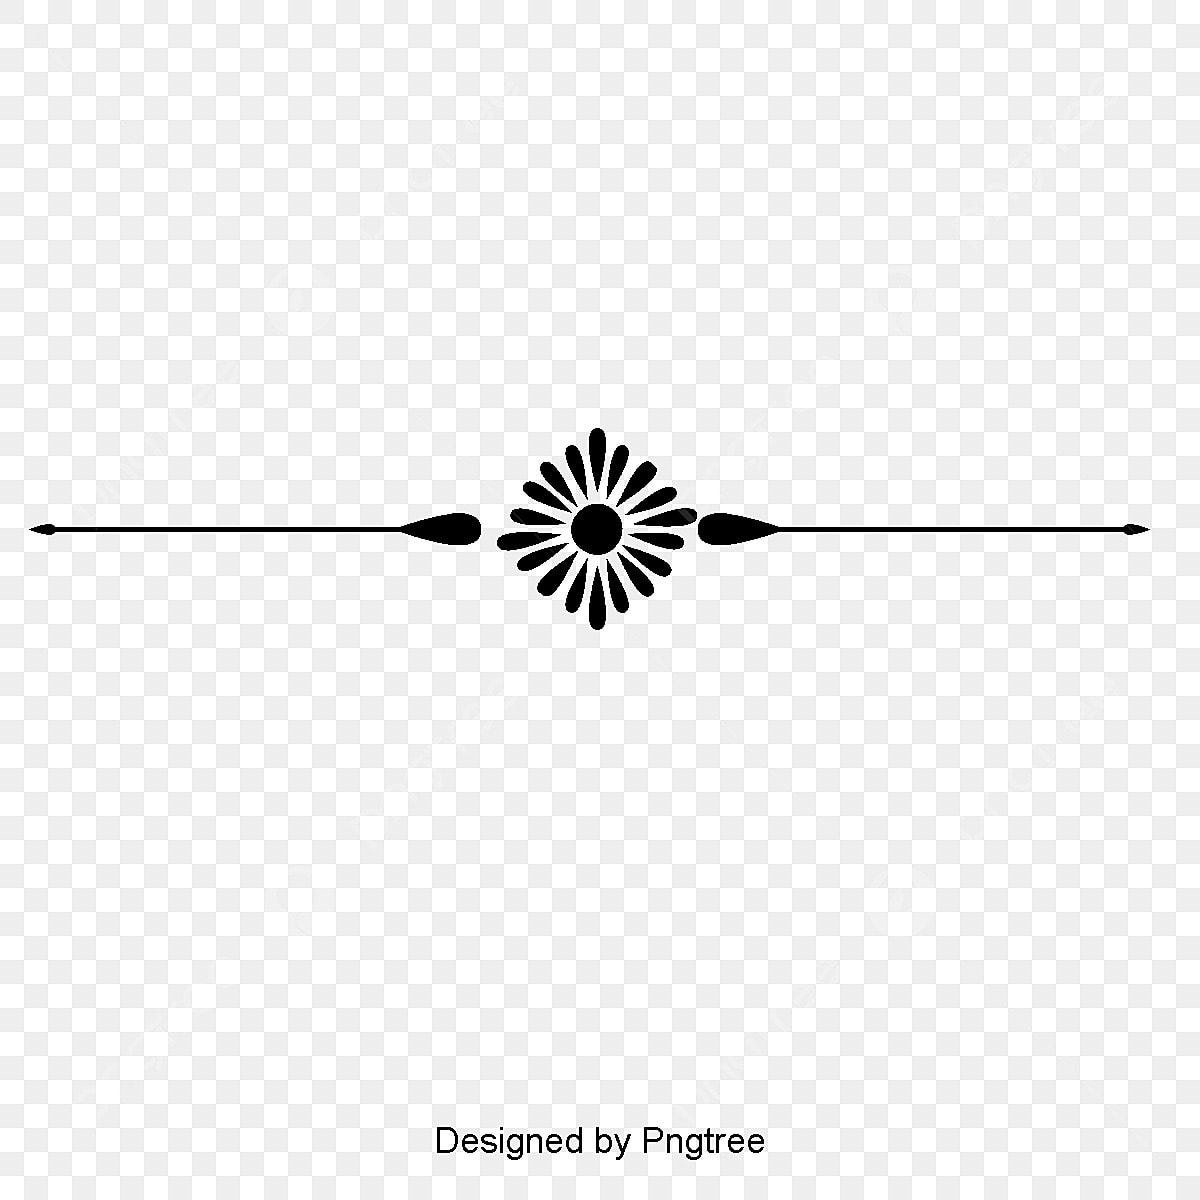 الأوروبي الإبداعية ديكور خطوط خطوط فاصلة كونتيننتال جميل خط Png وملف Psd للتحميل مجانا